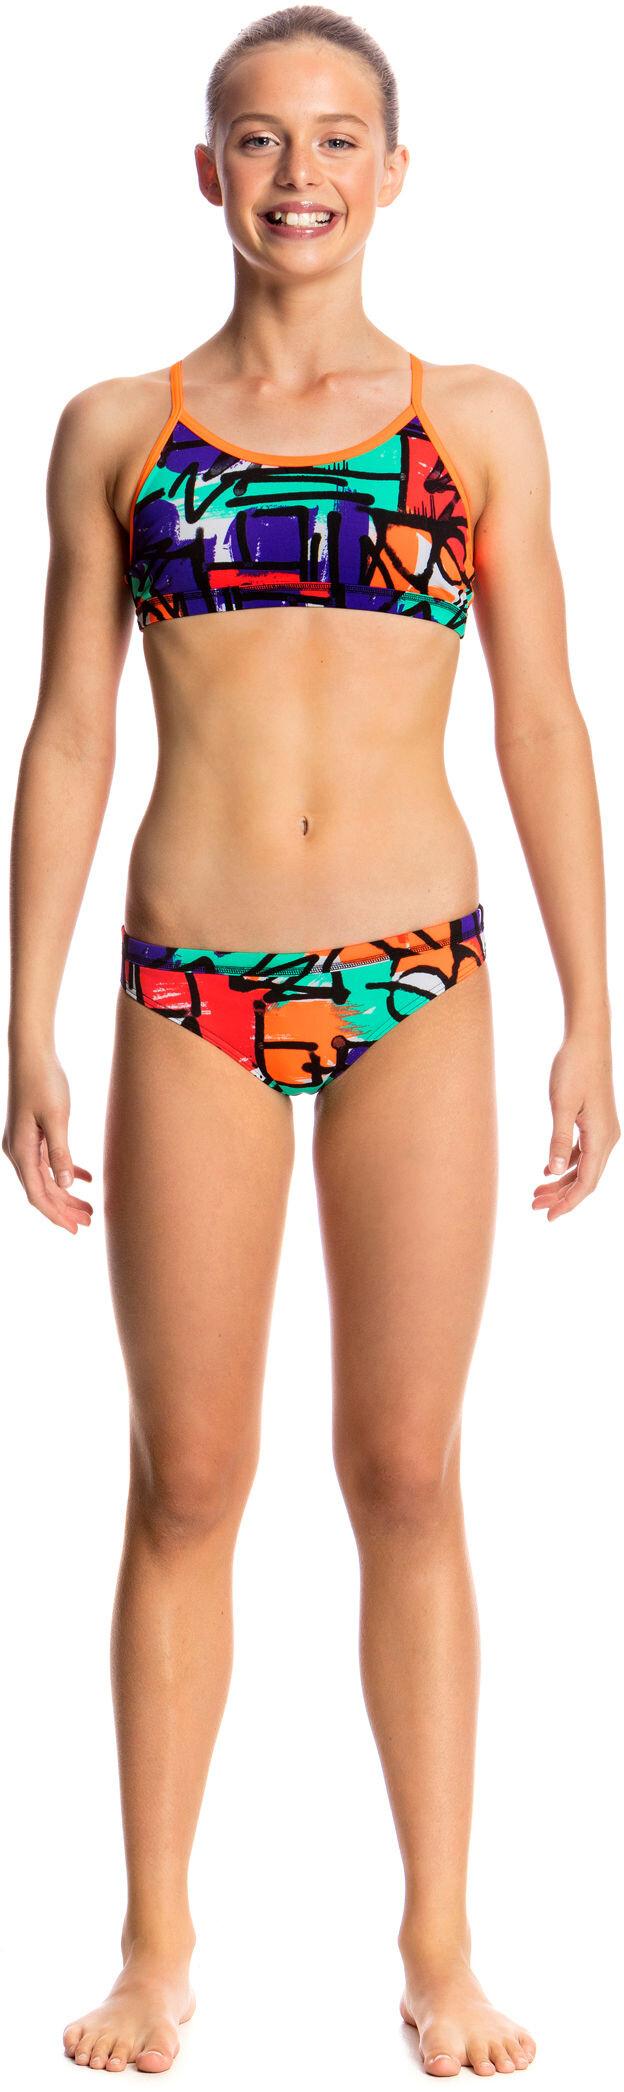 Funkita Racerback Two Piece Bikini Barn flerfärgad - till fenomenalt ... a53c6ee514bbd